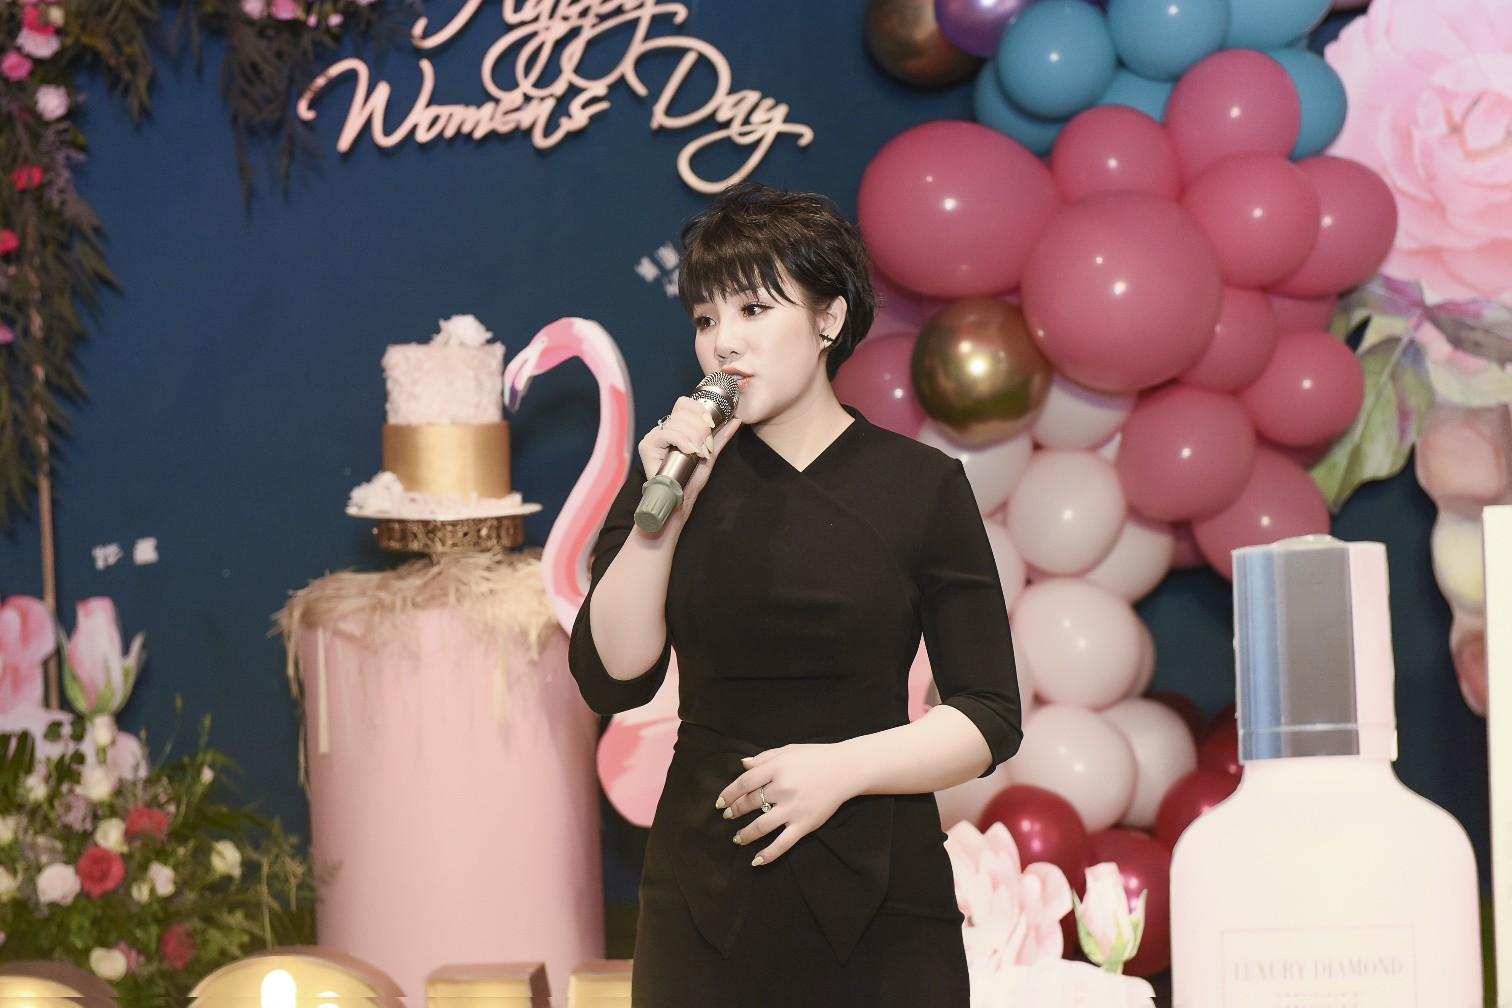 Đào Bá Lộc khuấy động đêm tiệc hoành tráng của công ty Kosxu nhân ngày Quốc tế Phụ nữ - Ảnh 5.